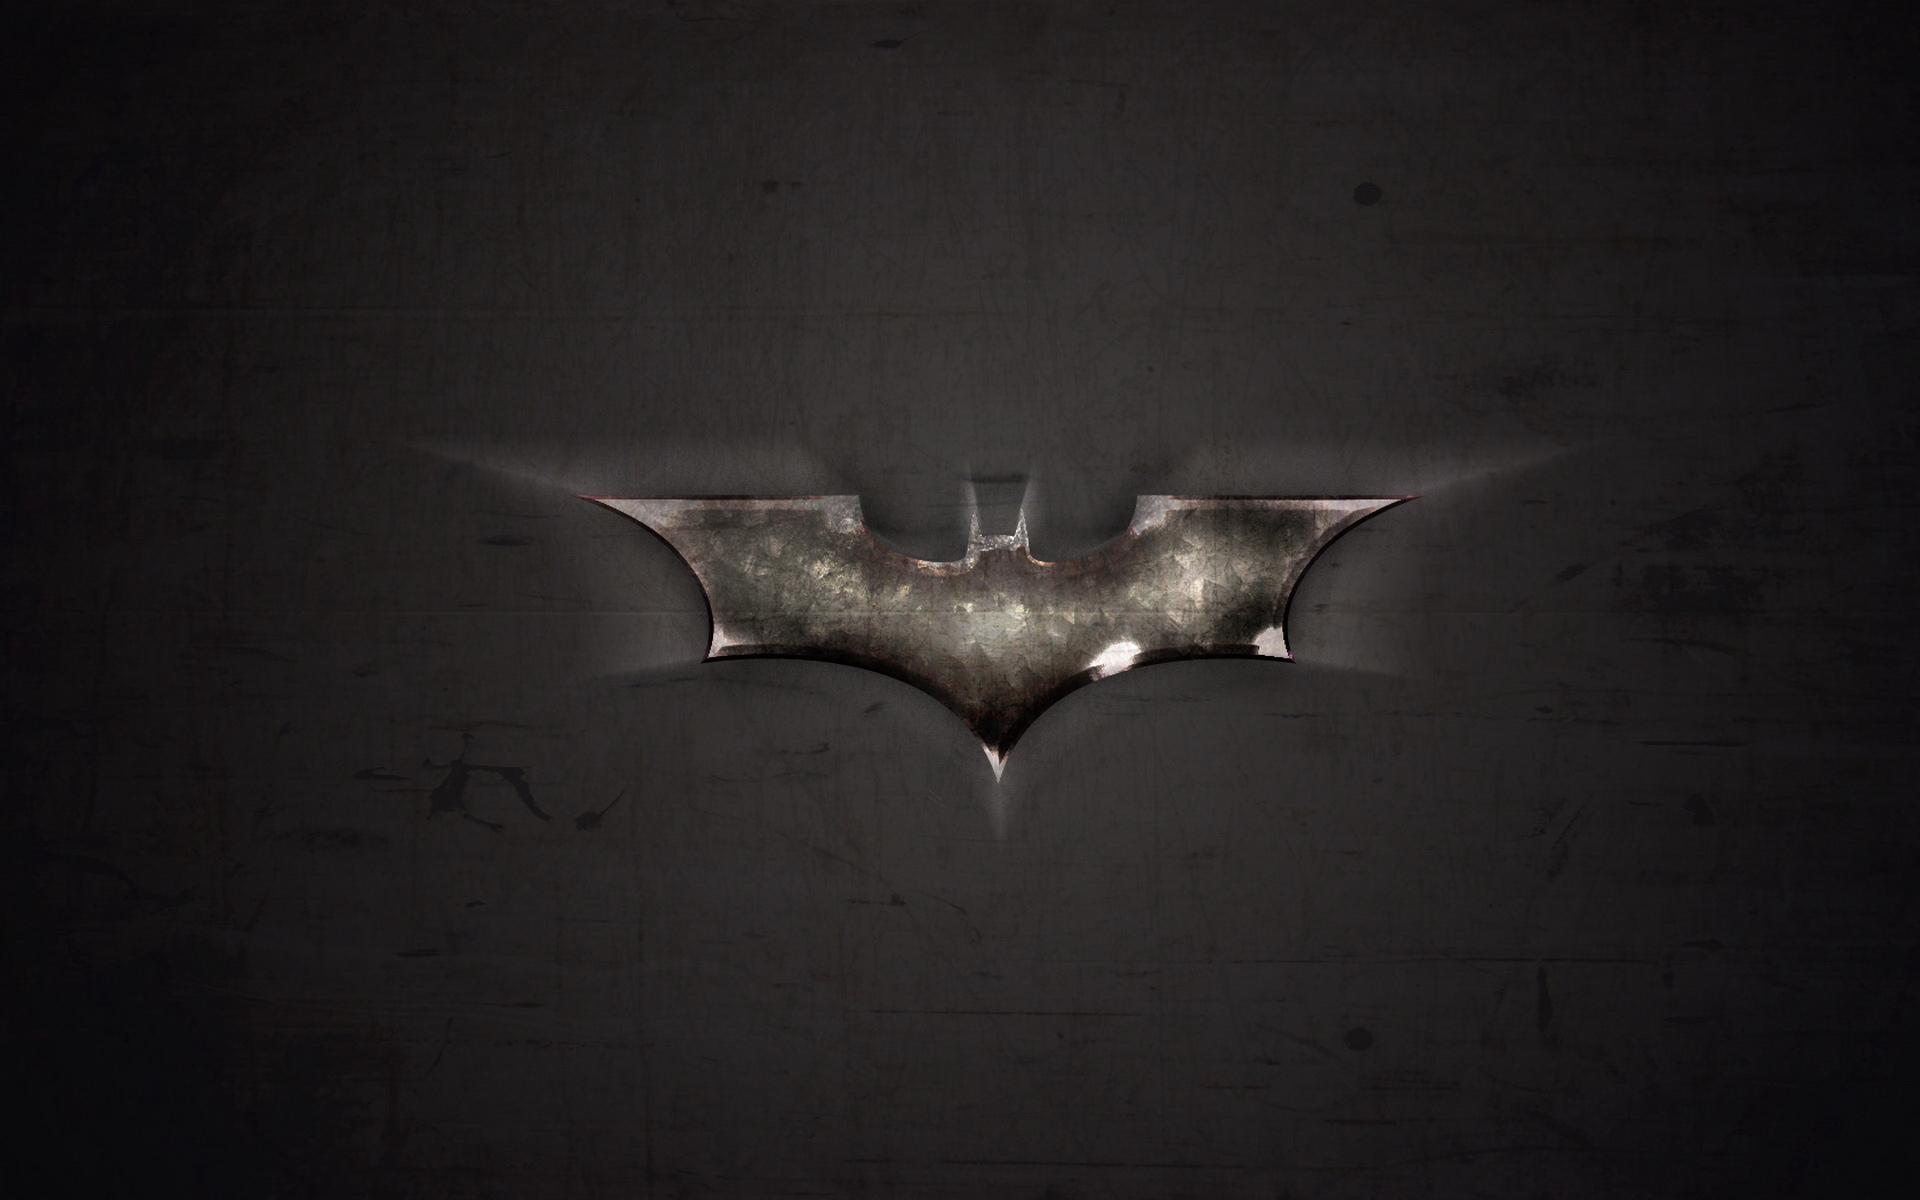 1080P Batman Wallpaper